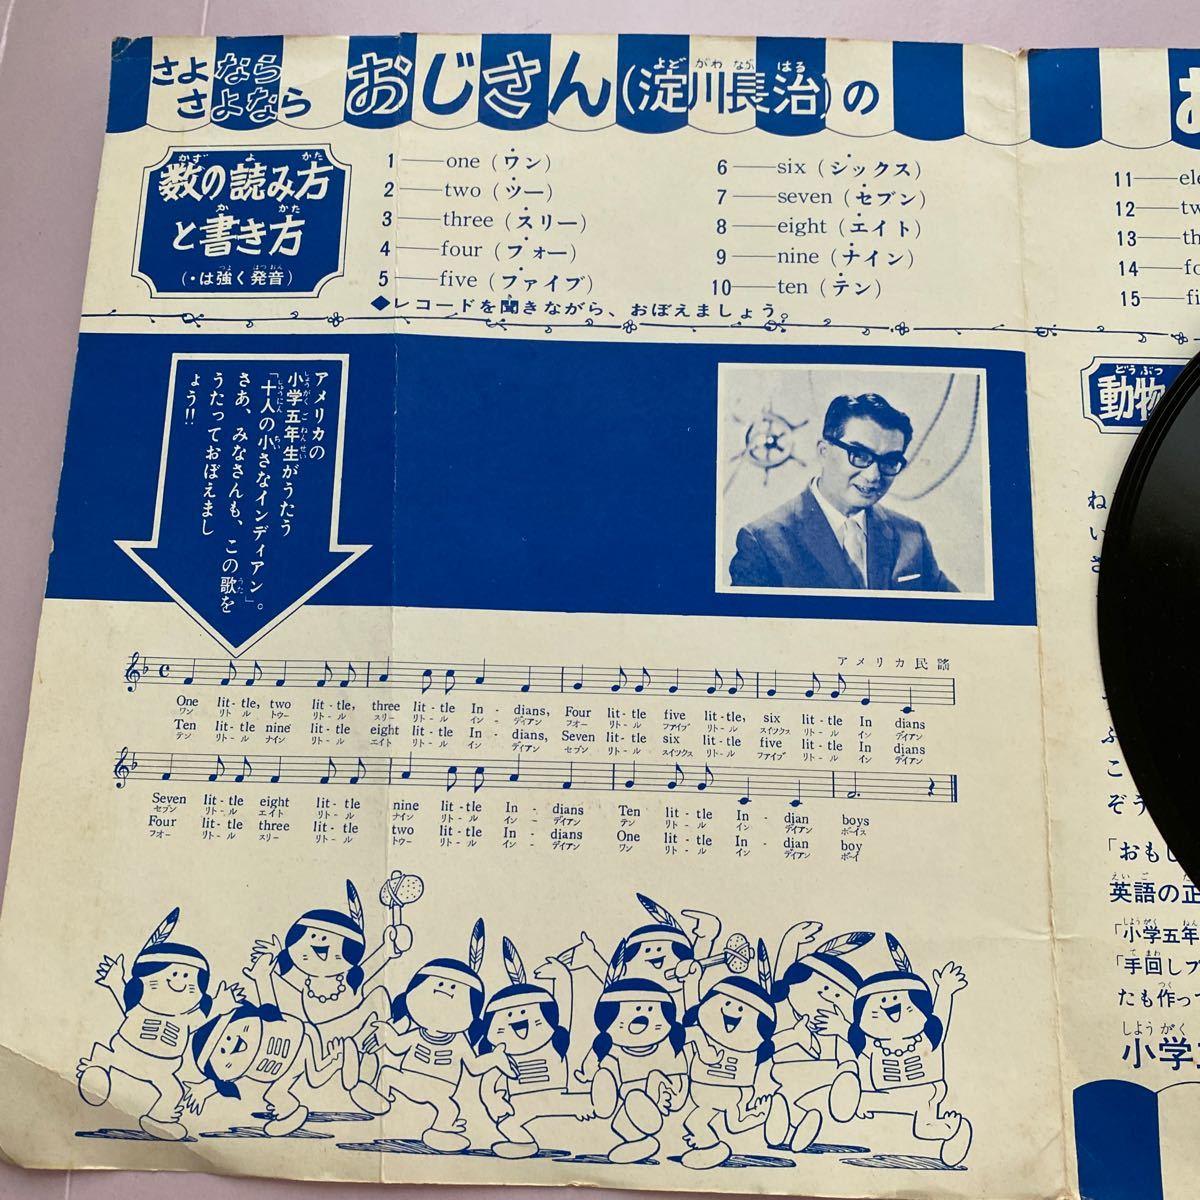 ソノシート 小学5年生 昭和44年8月号 付録 小学校 淀川長治のおもしろ英語レコード さよなら!さよなら!おじさんのおもしろ英語レコード_画像4